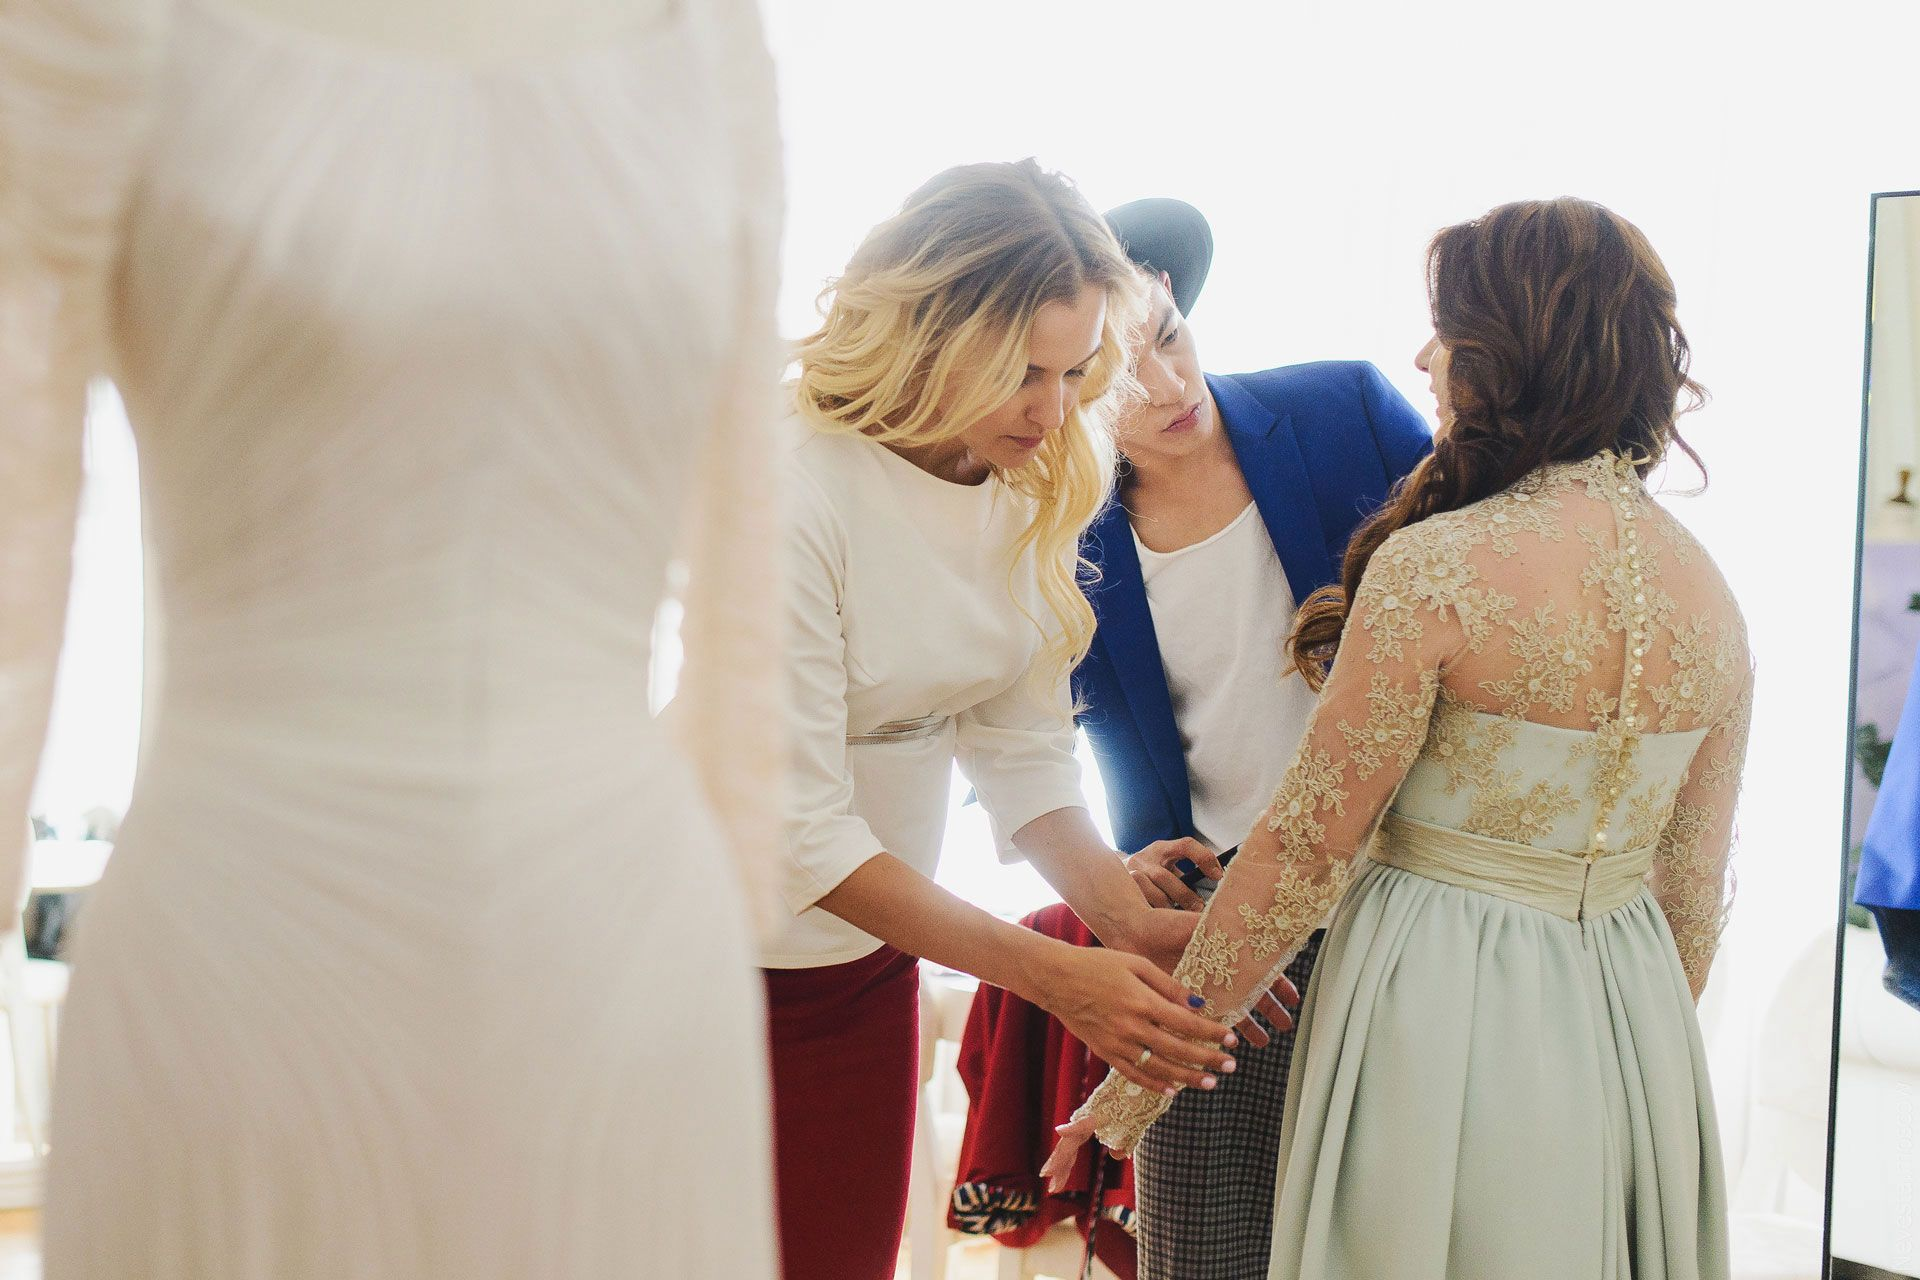 Анастасия Денисова примеряет свадебное платье фото 14